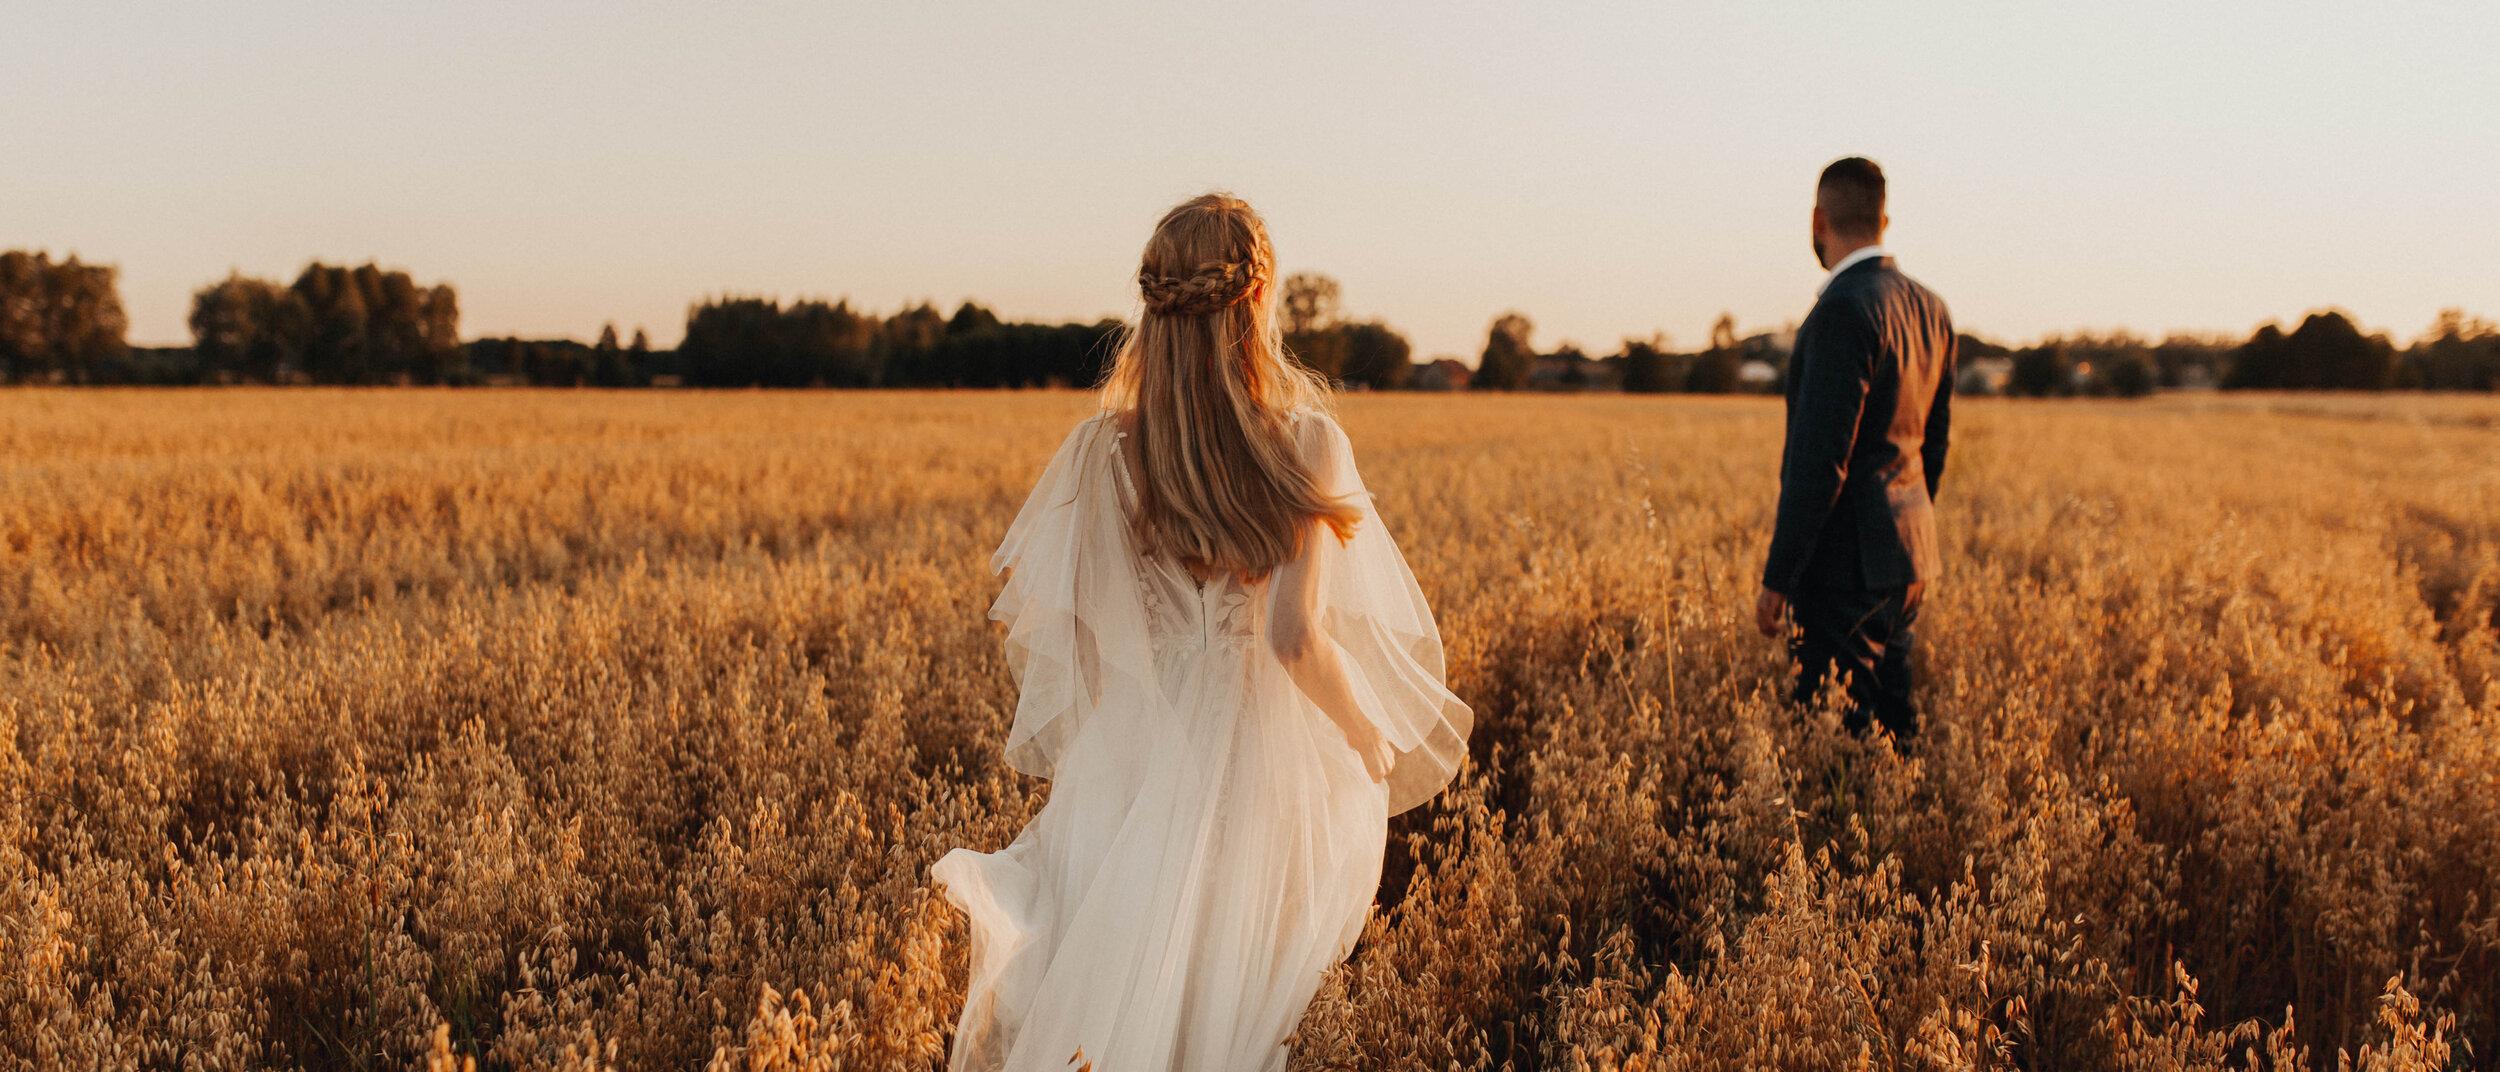 Roksana & Radek Cinematic Wedding Film - Od pierwszych chwil, kiedy poznaliśmy Roksanę i Radka, wiedzieliśmy w jakim kierunku musimy iść i jak będzie wyglądać ich film. Z pewnością możemy powiedzieć, że jest to najbardziej delikatny film, który kiedyś tworzyliśmy, i uwielbiamy w nim wszystko